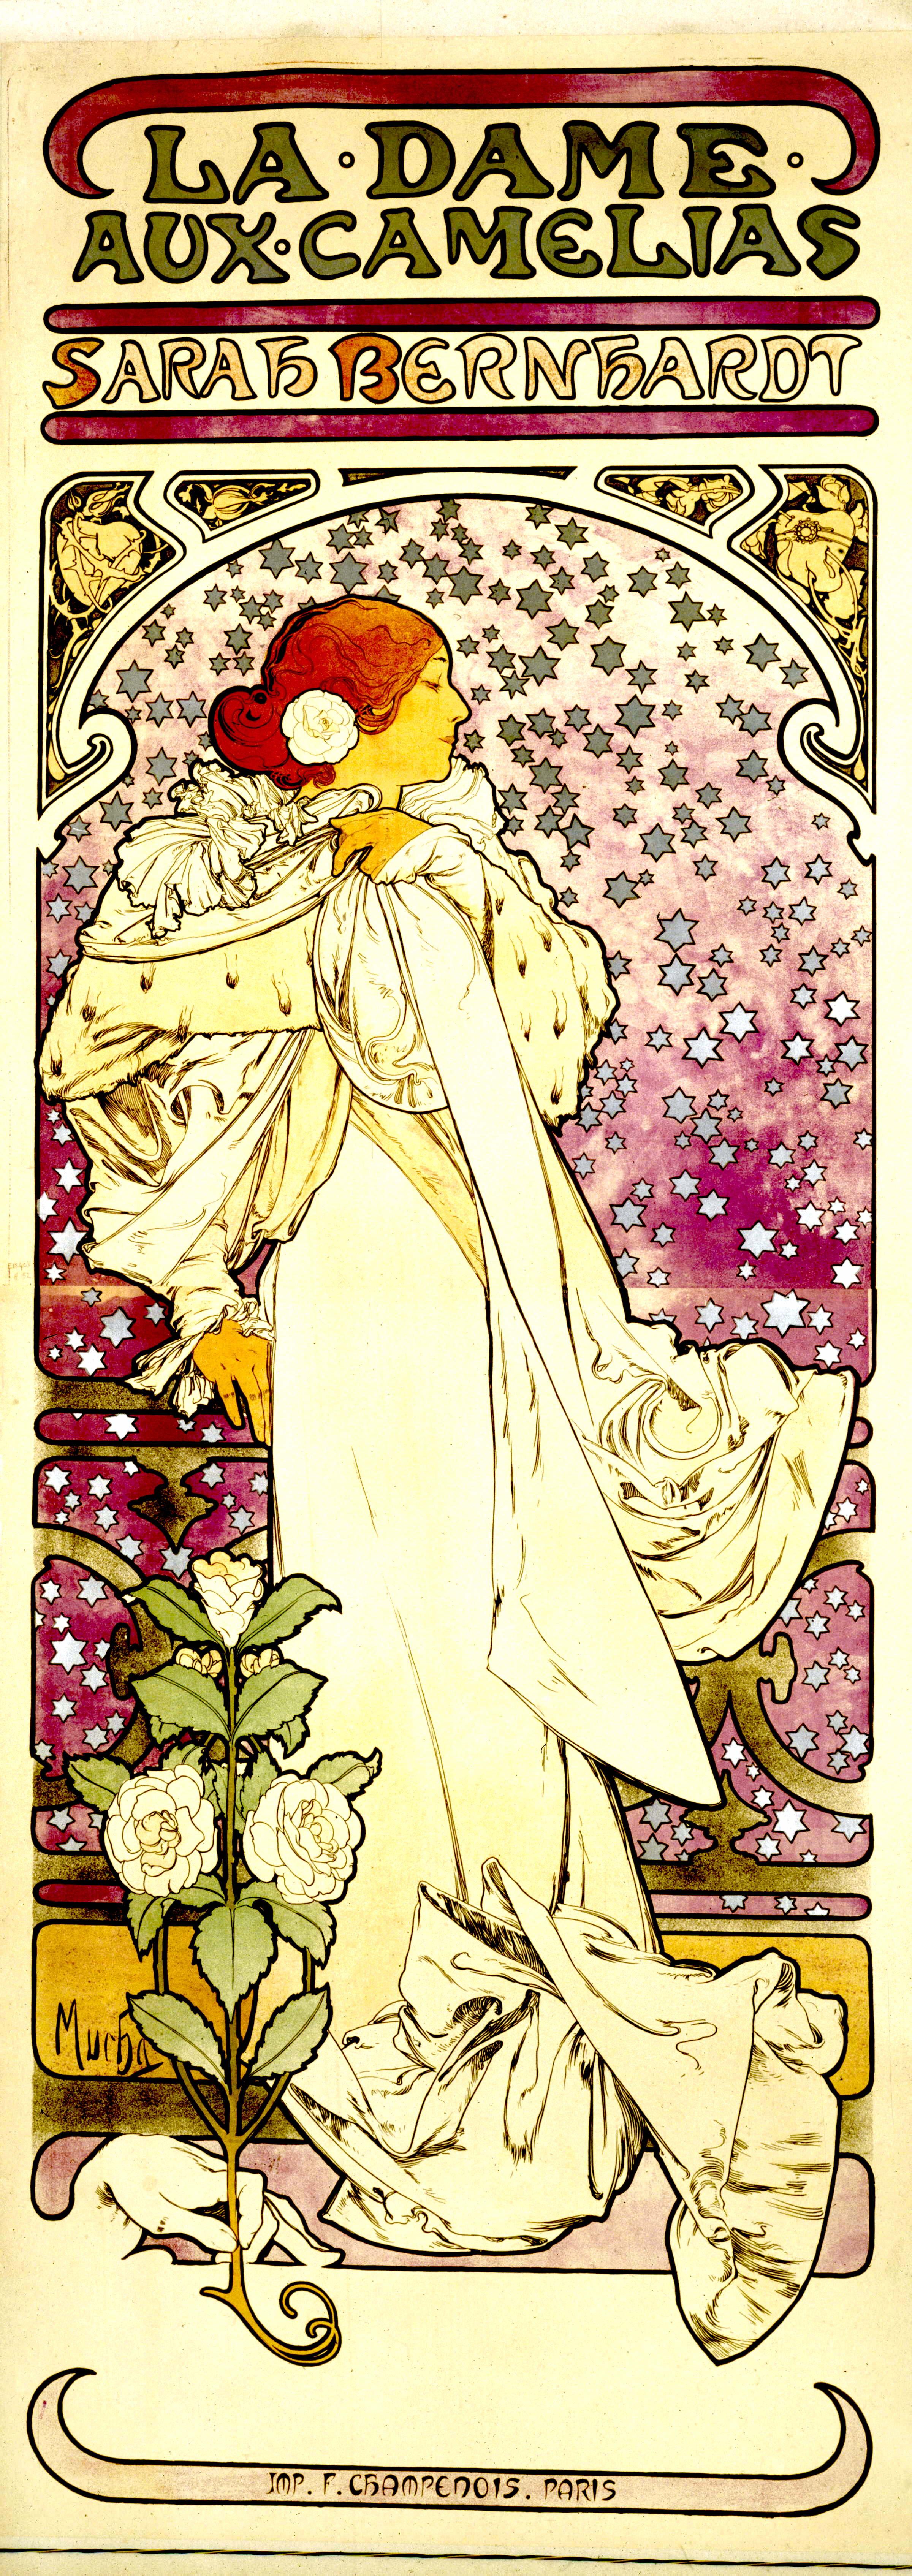 Sarah Bernhardt et la publicité à la mode